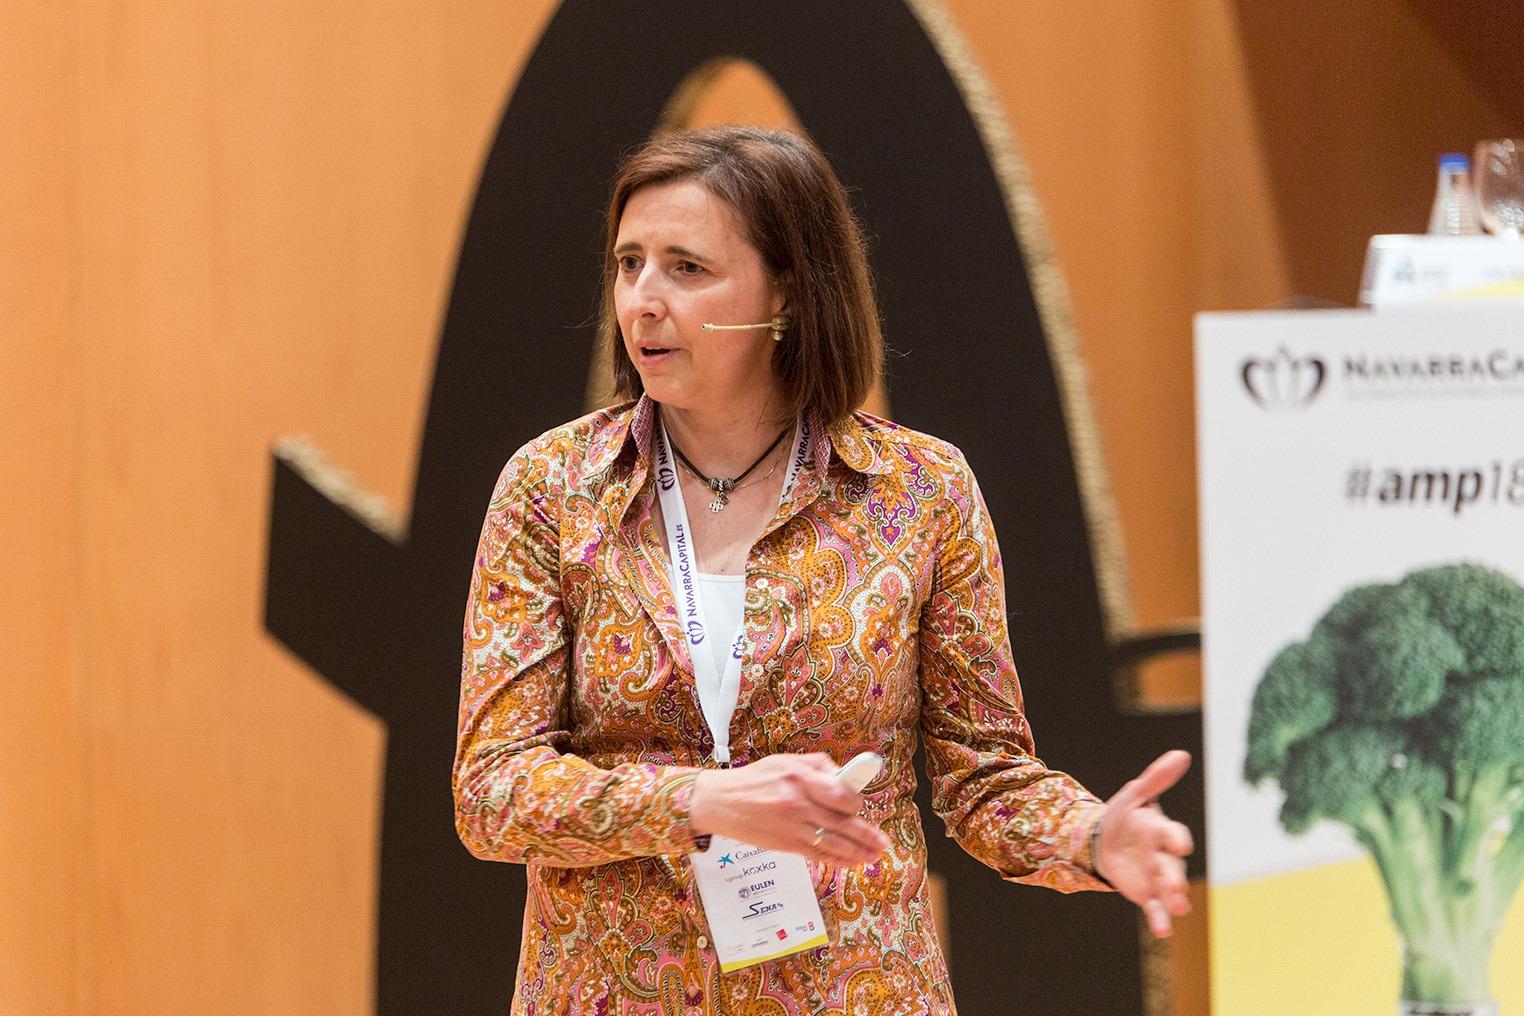 Inés Echeverría, directora de I+D+i de CNTA, desgranó en su ponencia las oportunidades para el desarrollo de nuevos productos a partir de las proteínas vegetales.